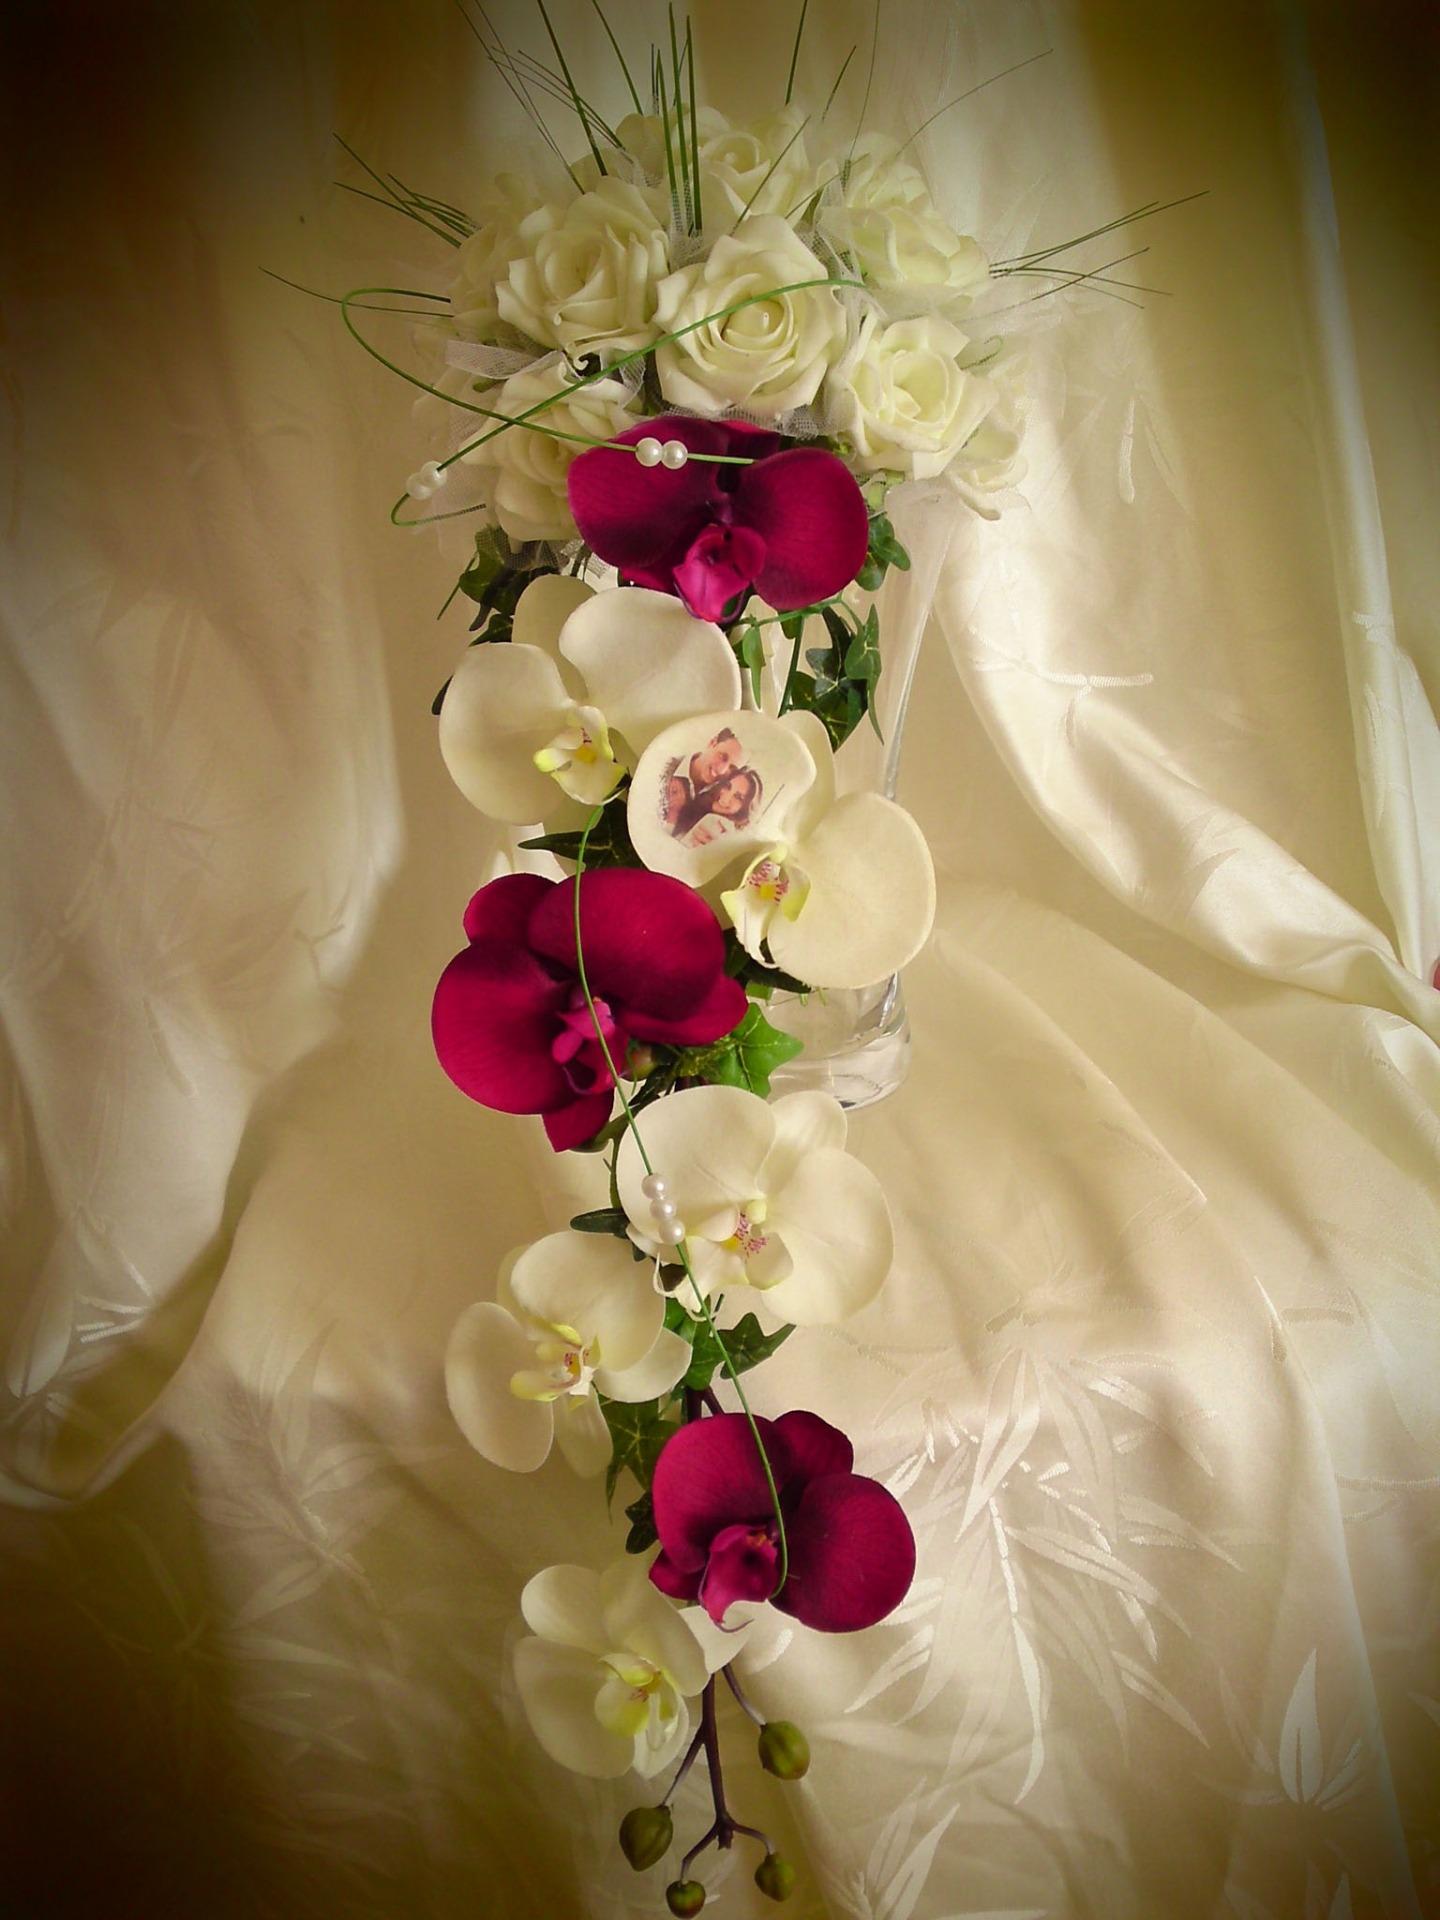 bouquet romantique marie bouquet de marie de pivoines. Black Bedroom Furniture Sets. Home Design Ideas